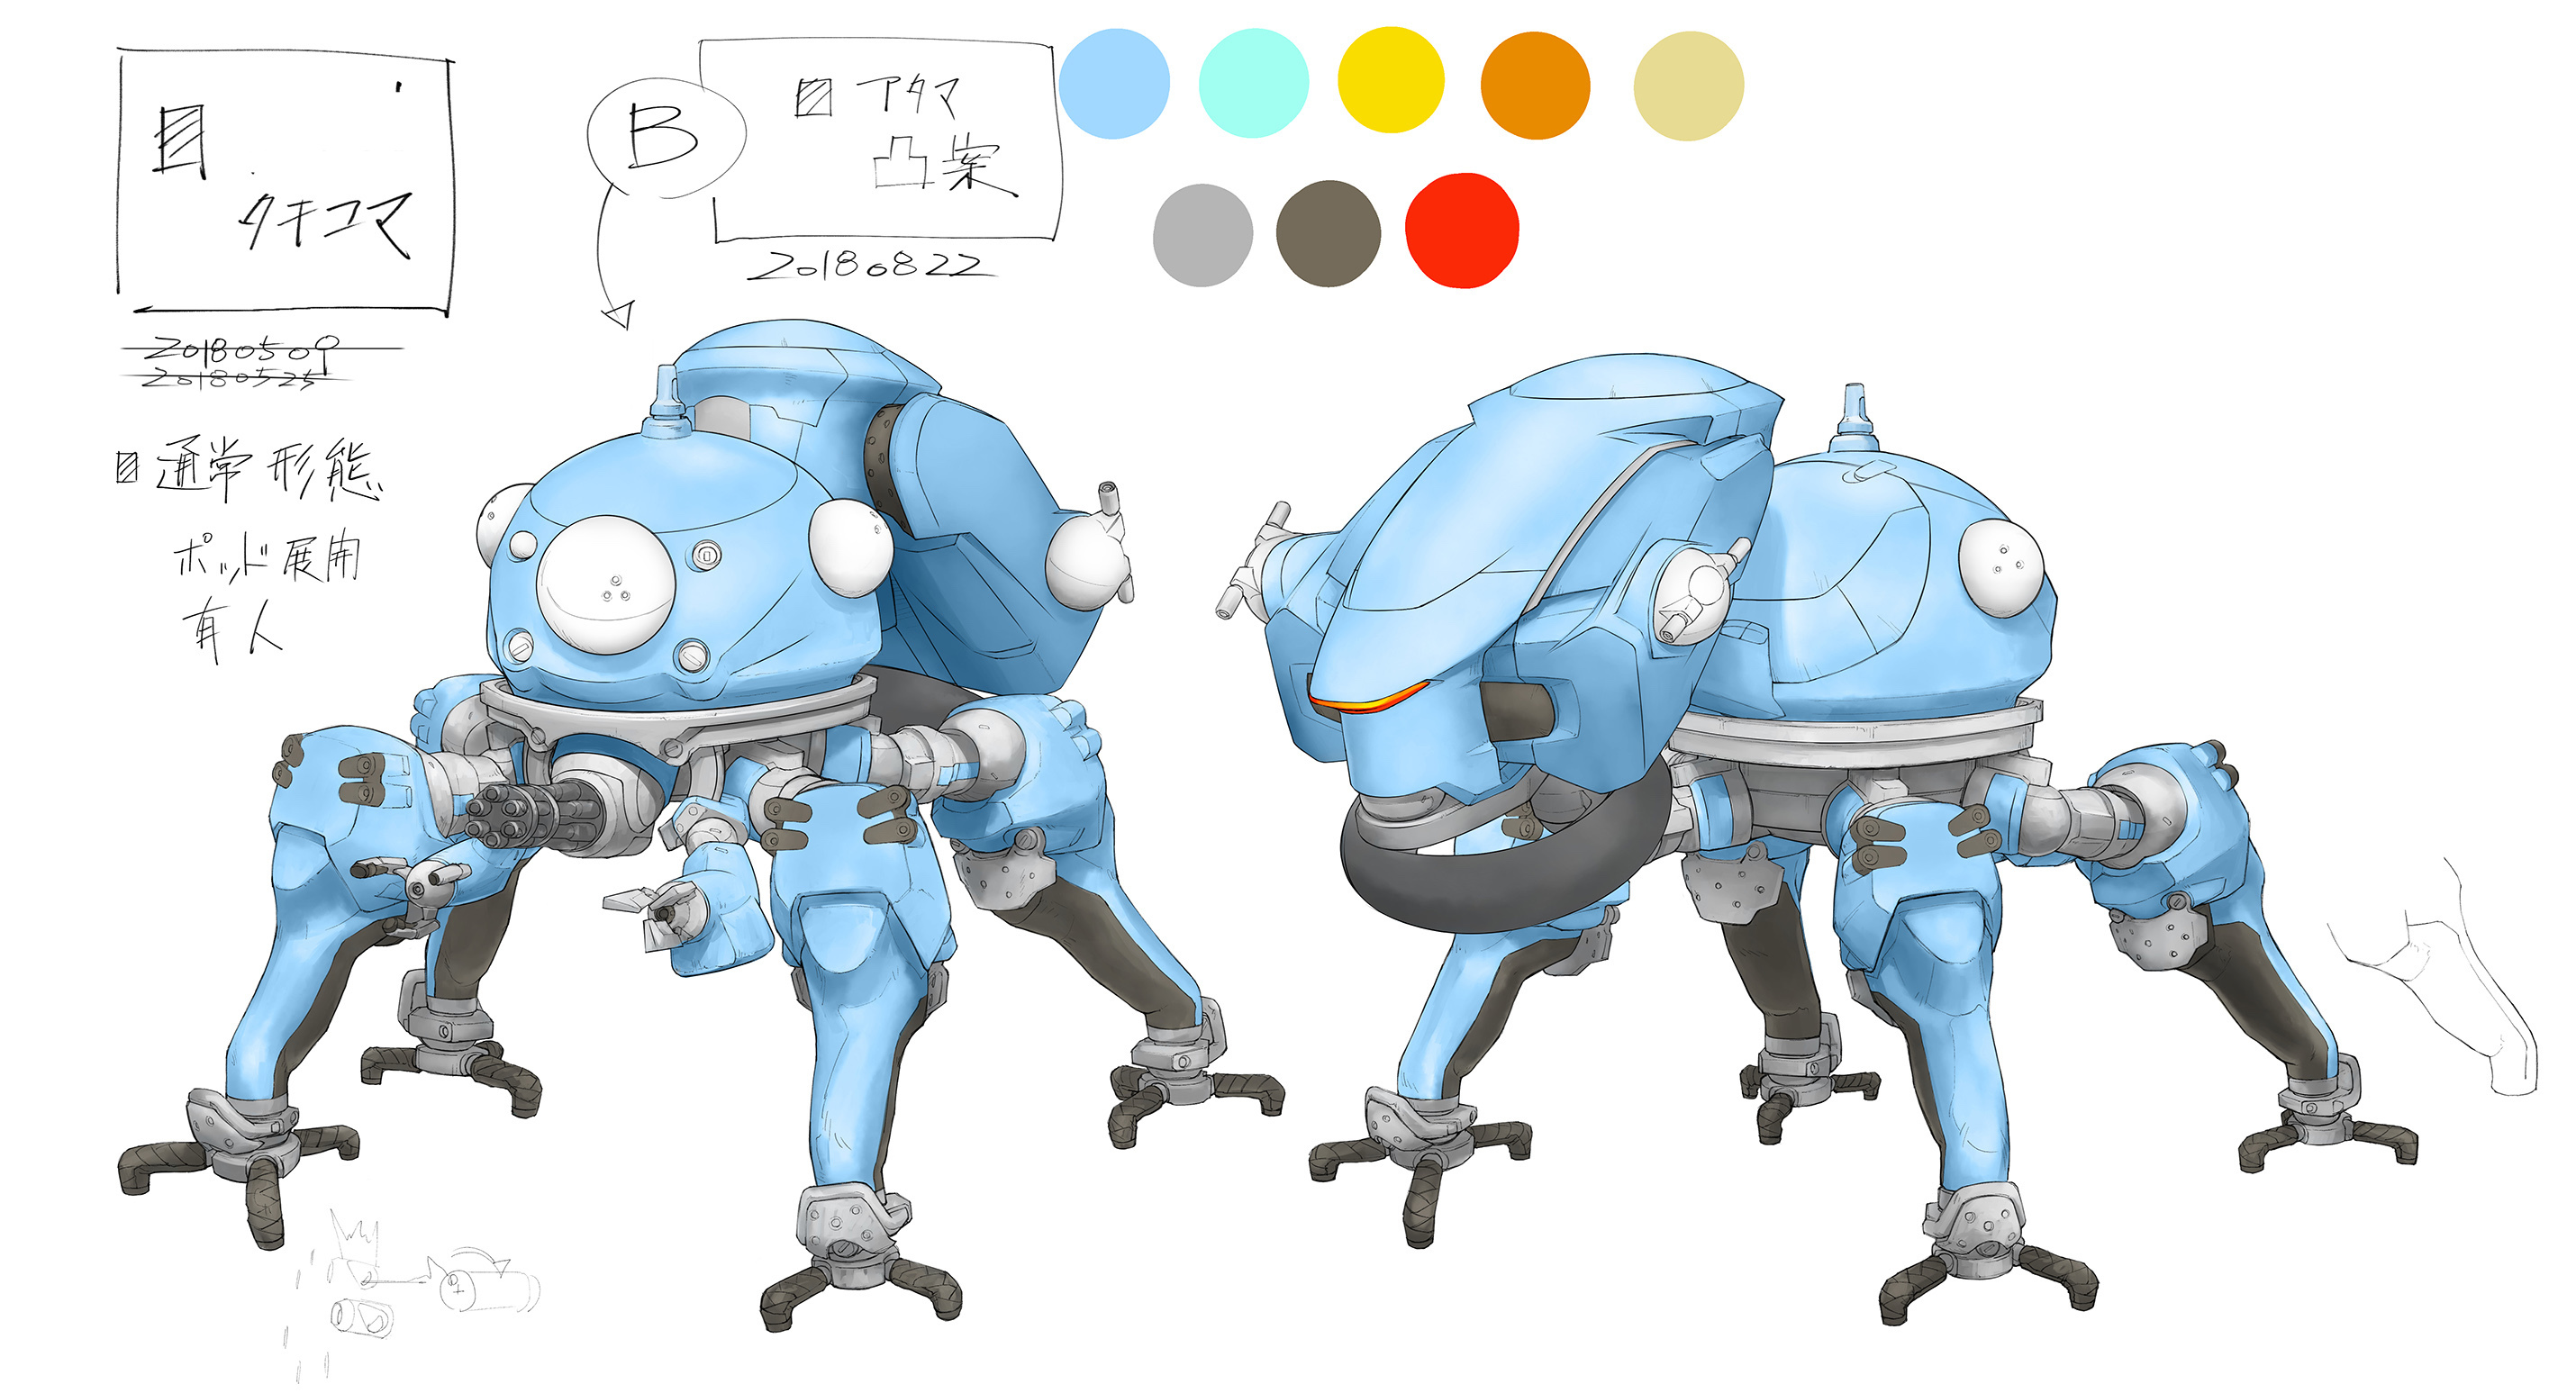 タチコマ設定画 (C)士郎正宗・Production I.G/講談社・攻殻機動隊2045製作委員会